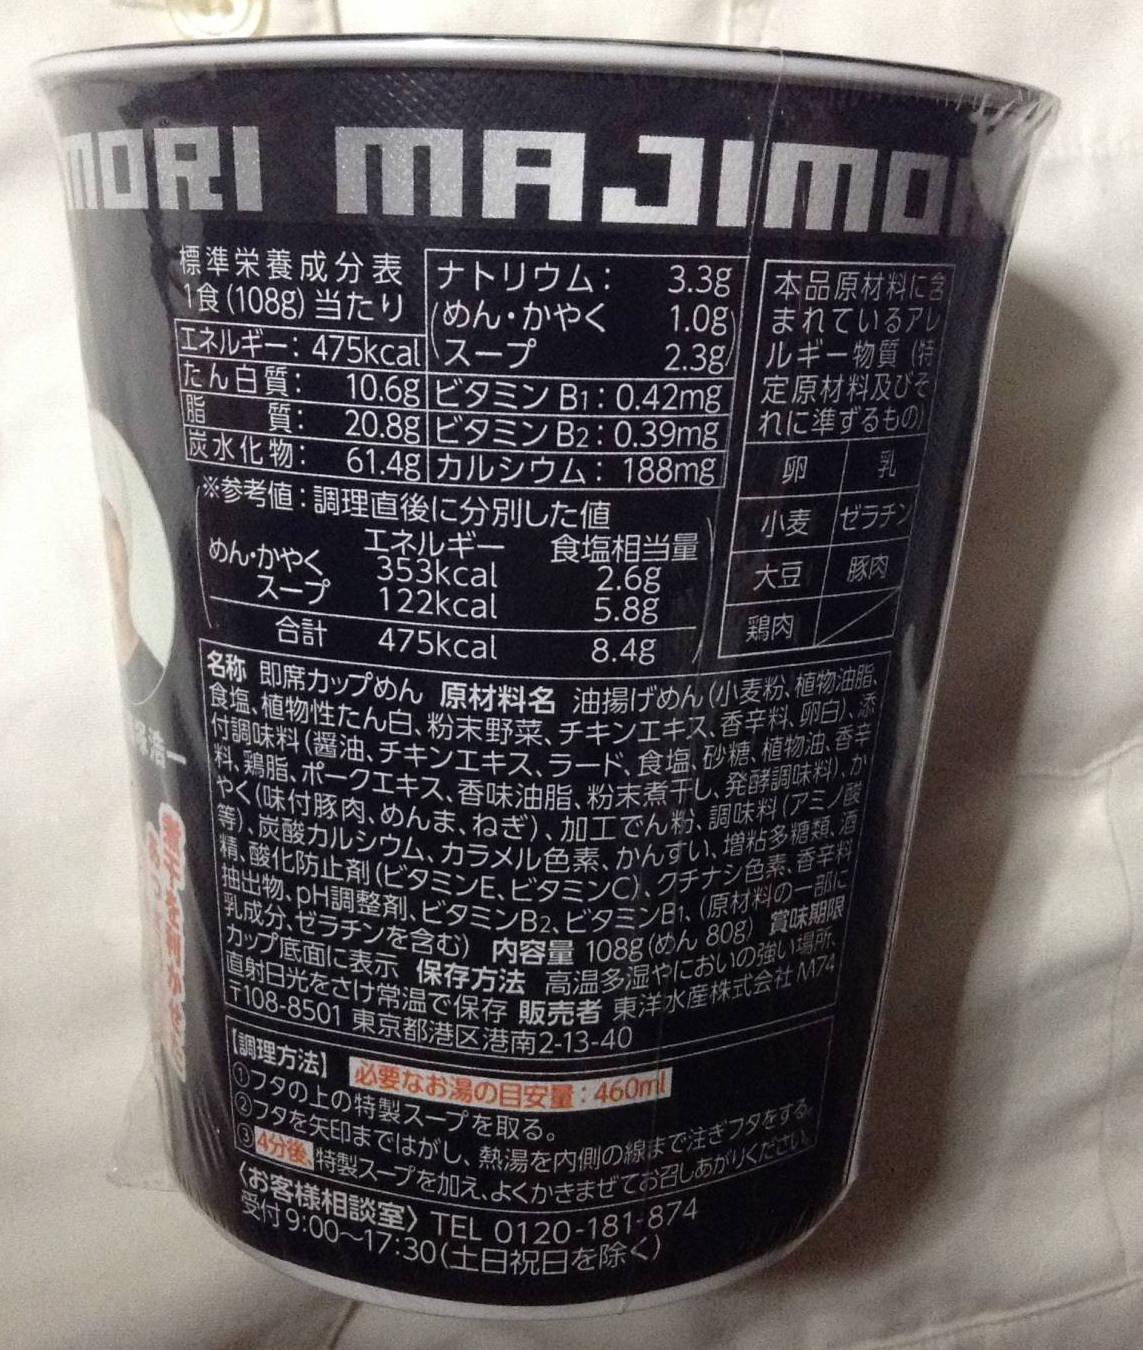 栄養成分表示:中華そばサンジのカップラーメン煮干し香る生姜醤油